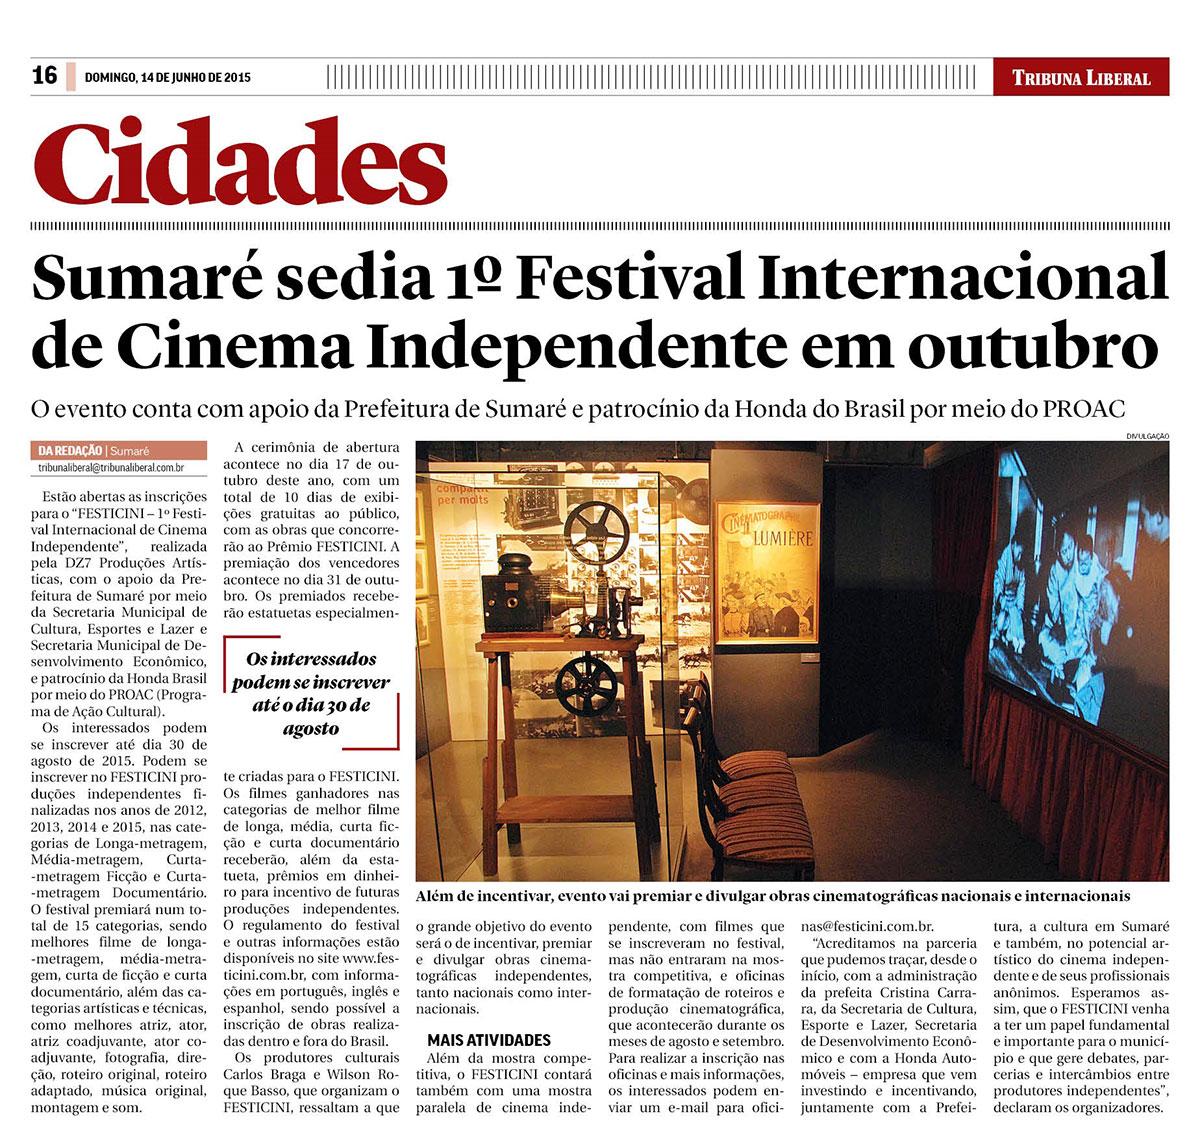 Sumaré sedia 1º Festival Internacional de Cinema Independente em outubro